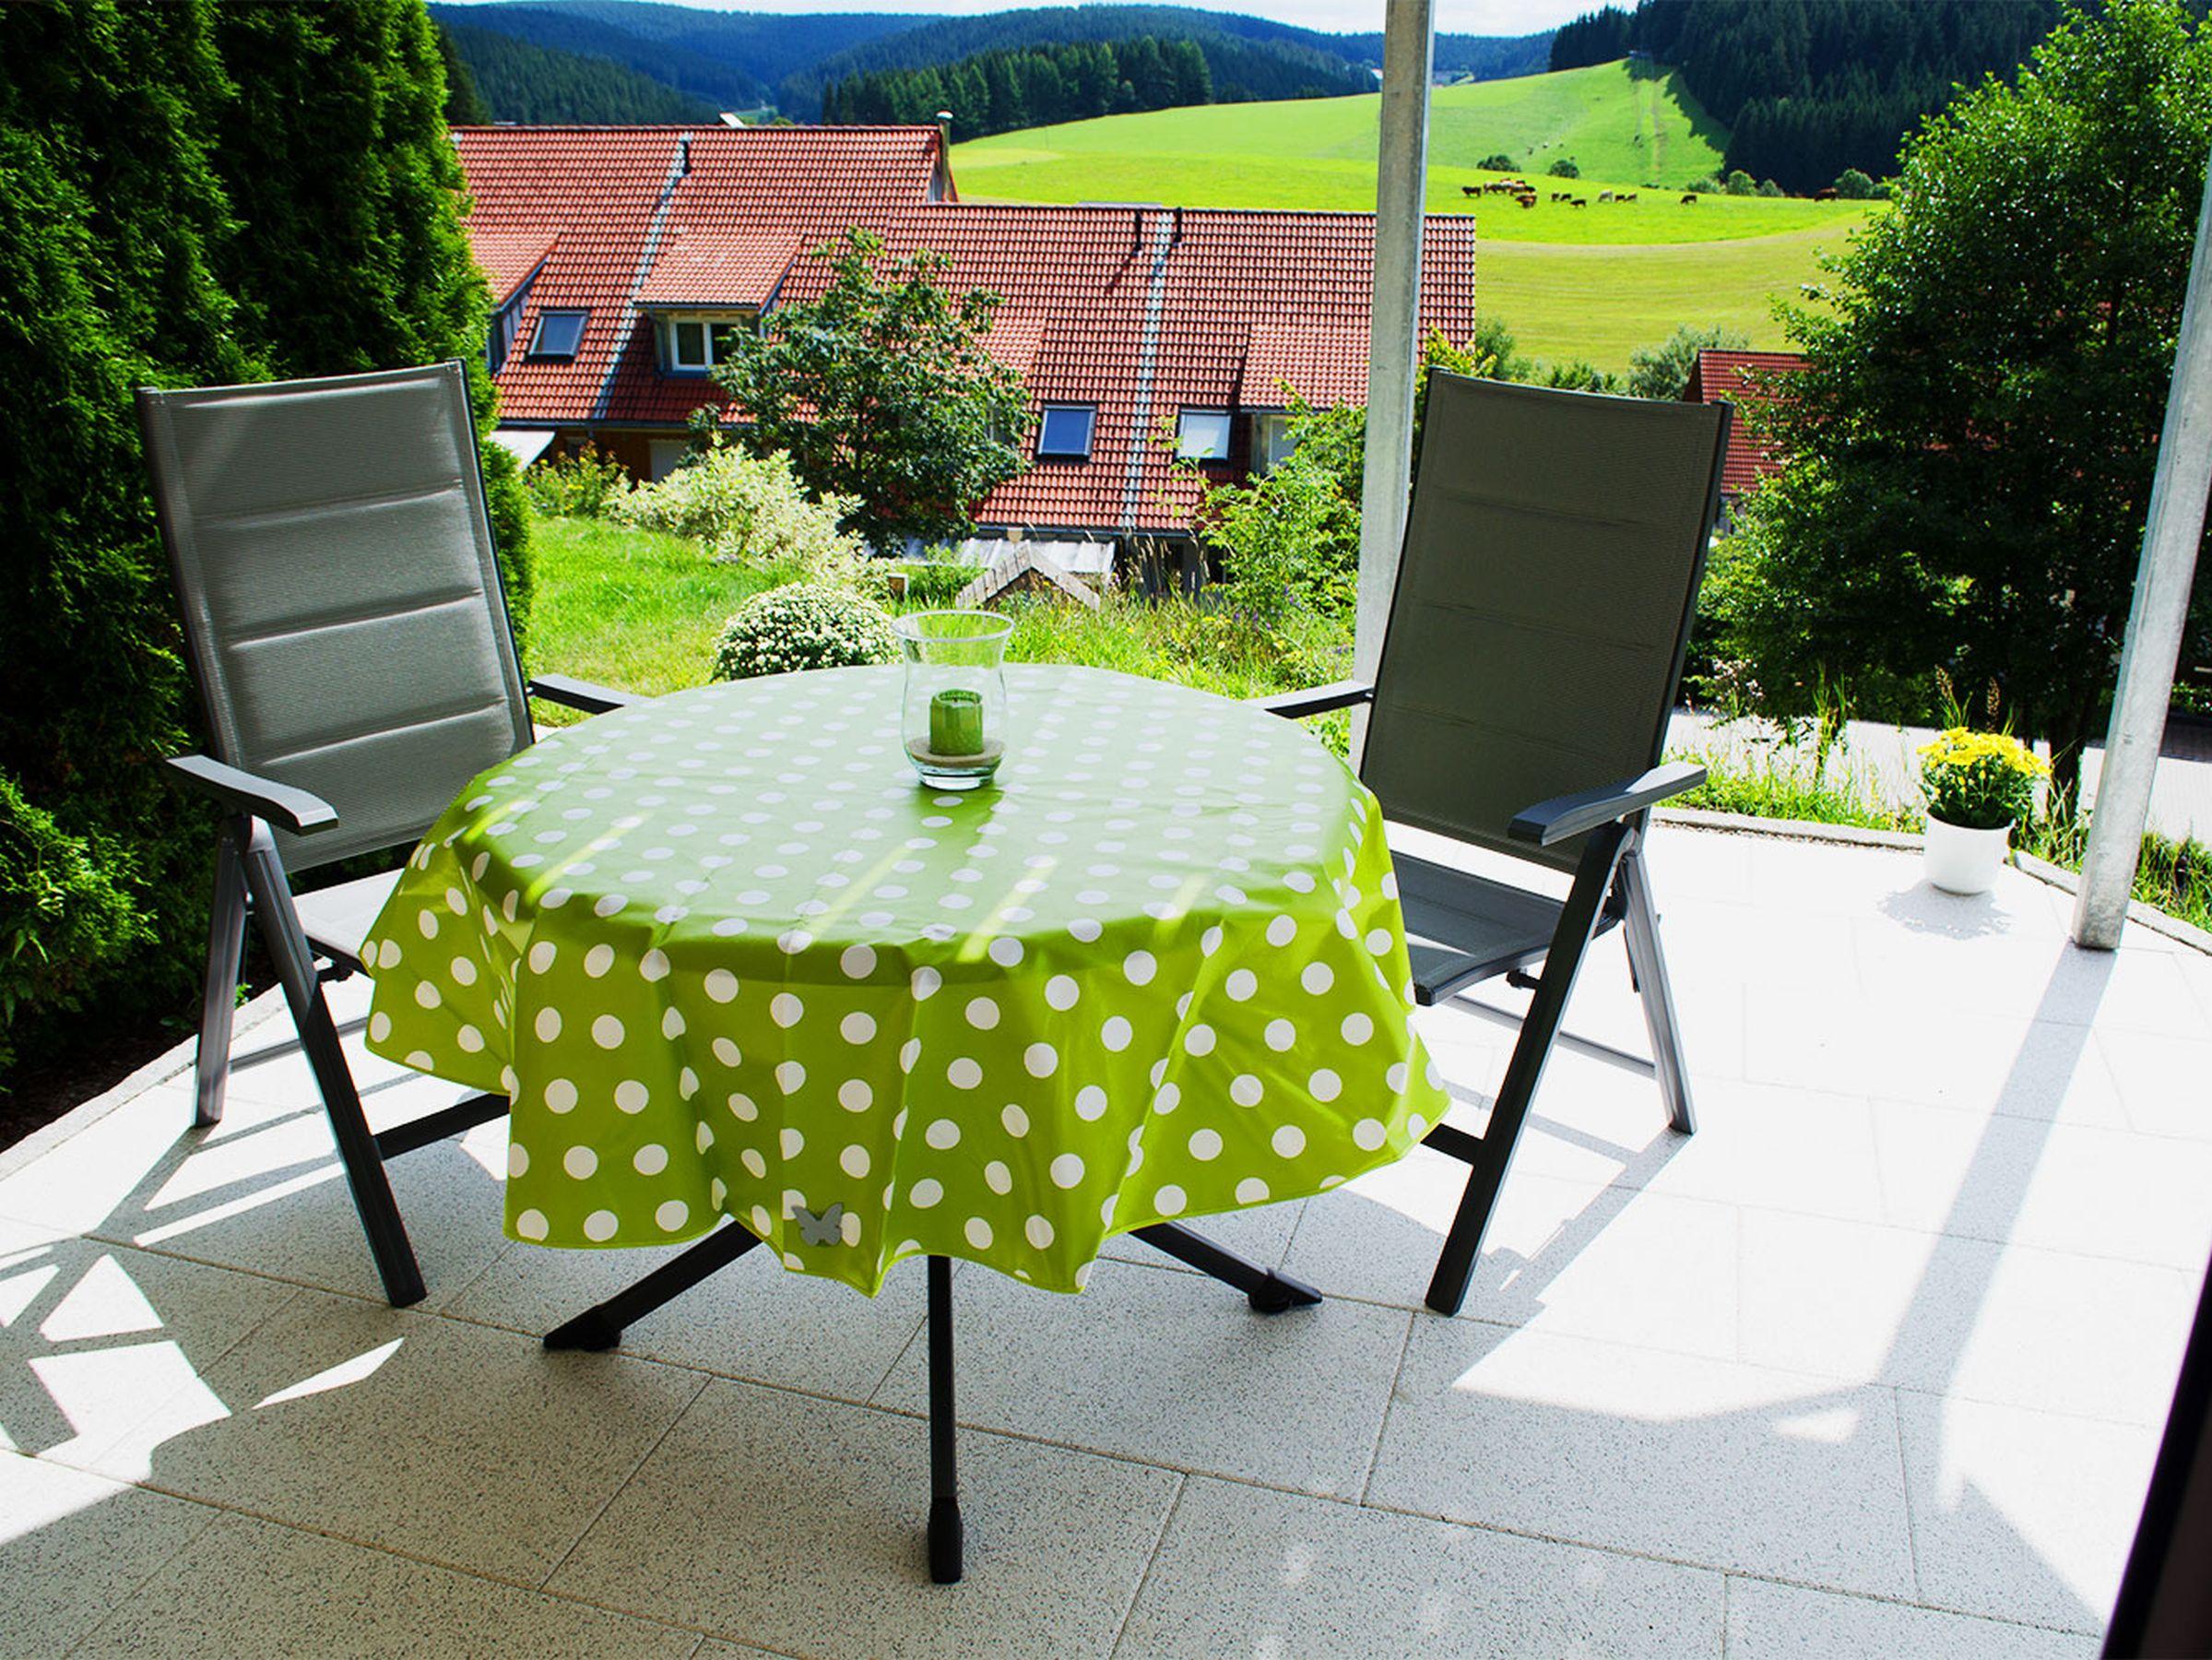 Ferienwohnung FeWo Furtwangen, (Furtwangen). Ferienwohnung, 50qm, Terrasse, Wohn- / Schlafzimmer (2720015), Furtwangen, Schwarzwald, Baden-Württemberg, Deutschland, Bild 15